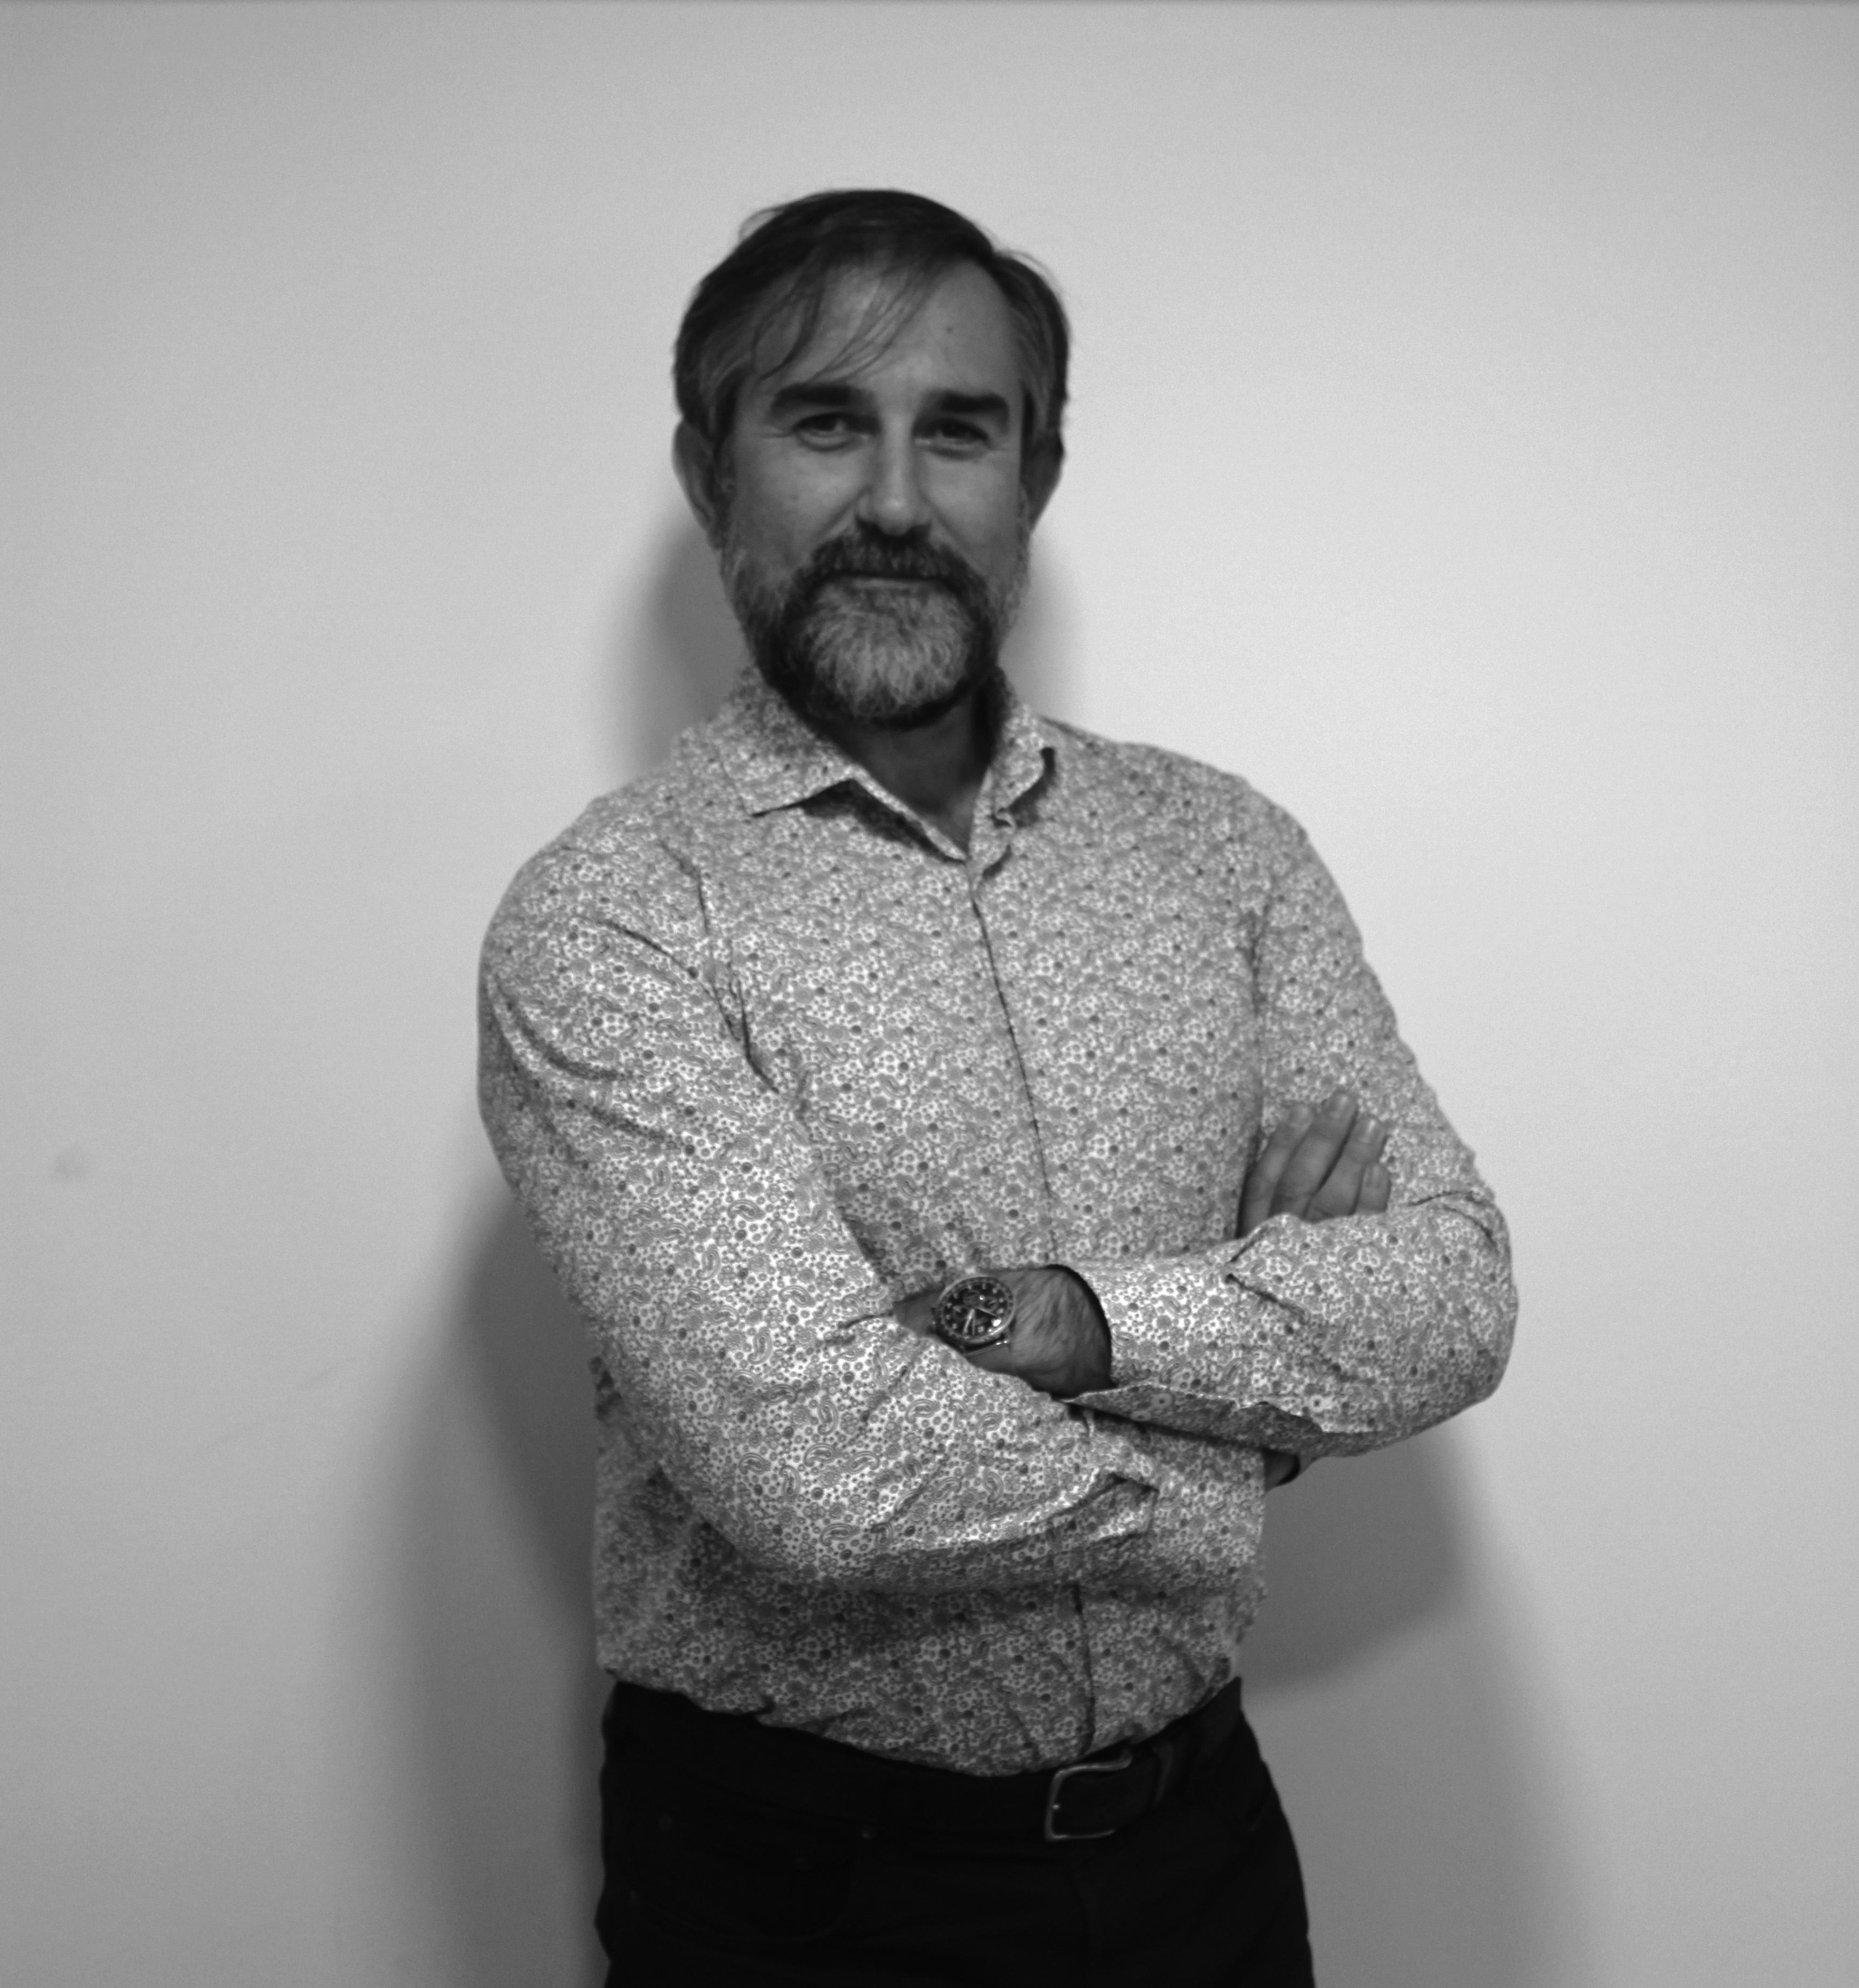 Savia proyectos foto blanco y negro Javier Diez (Delegado de la islas canarias)